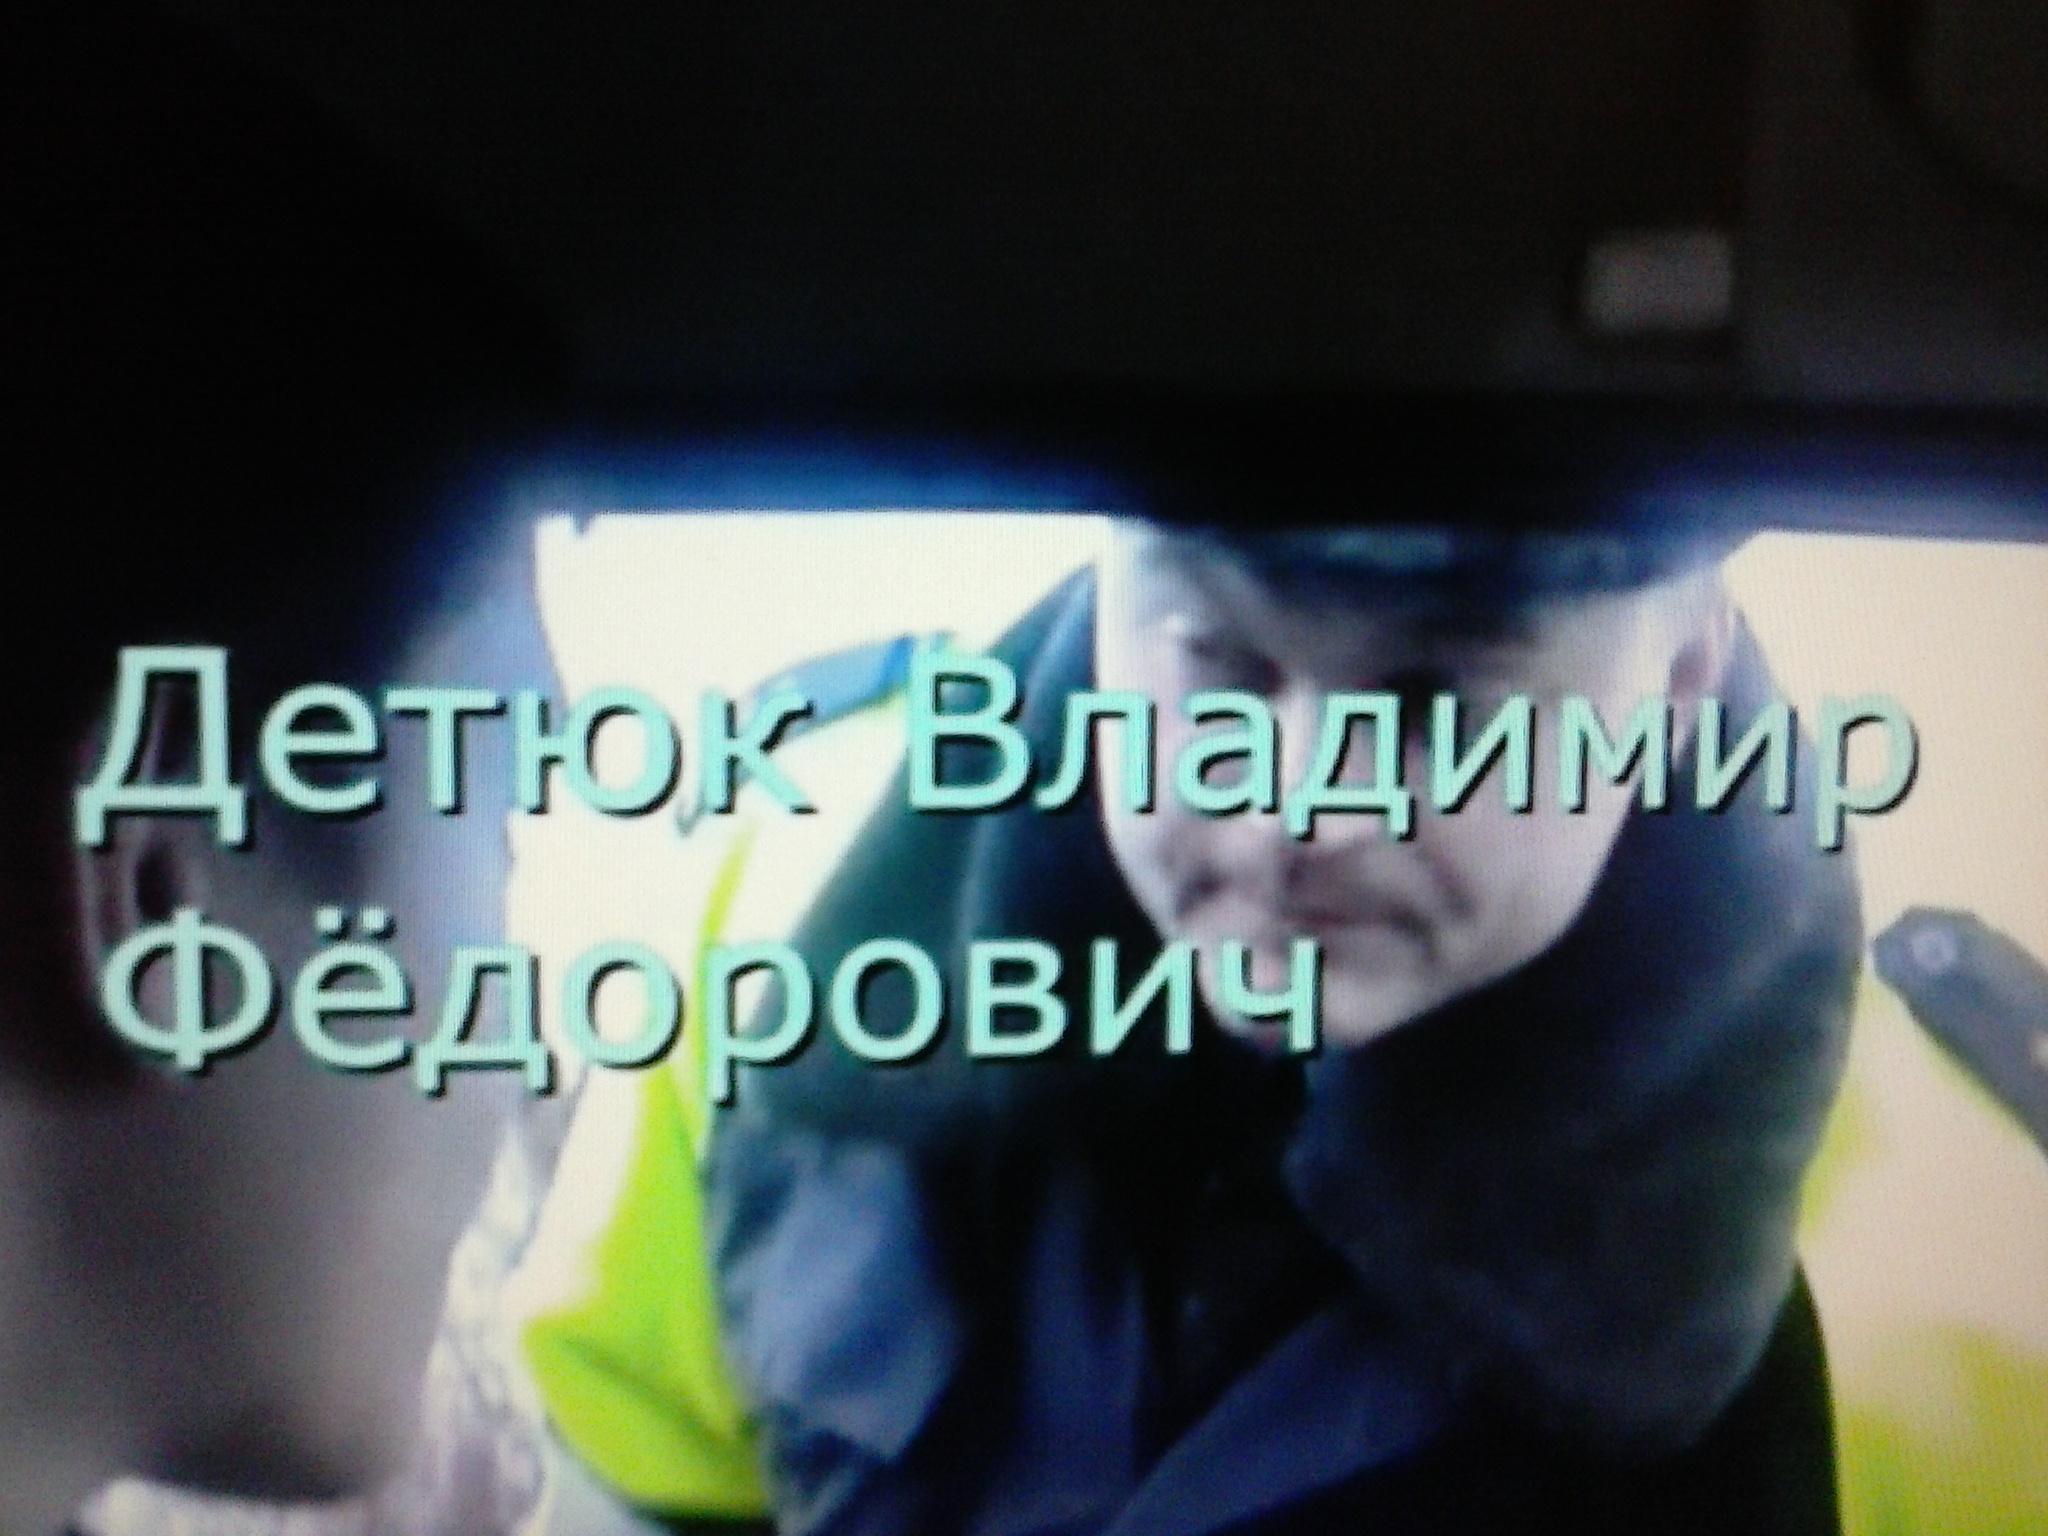 Детюк Владимир Фёдорович. Ошибка природы. БЕСПРЕДЕЛЬЩИК в погонах.